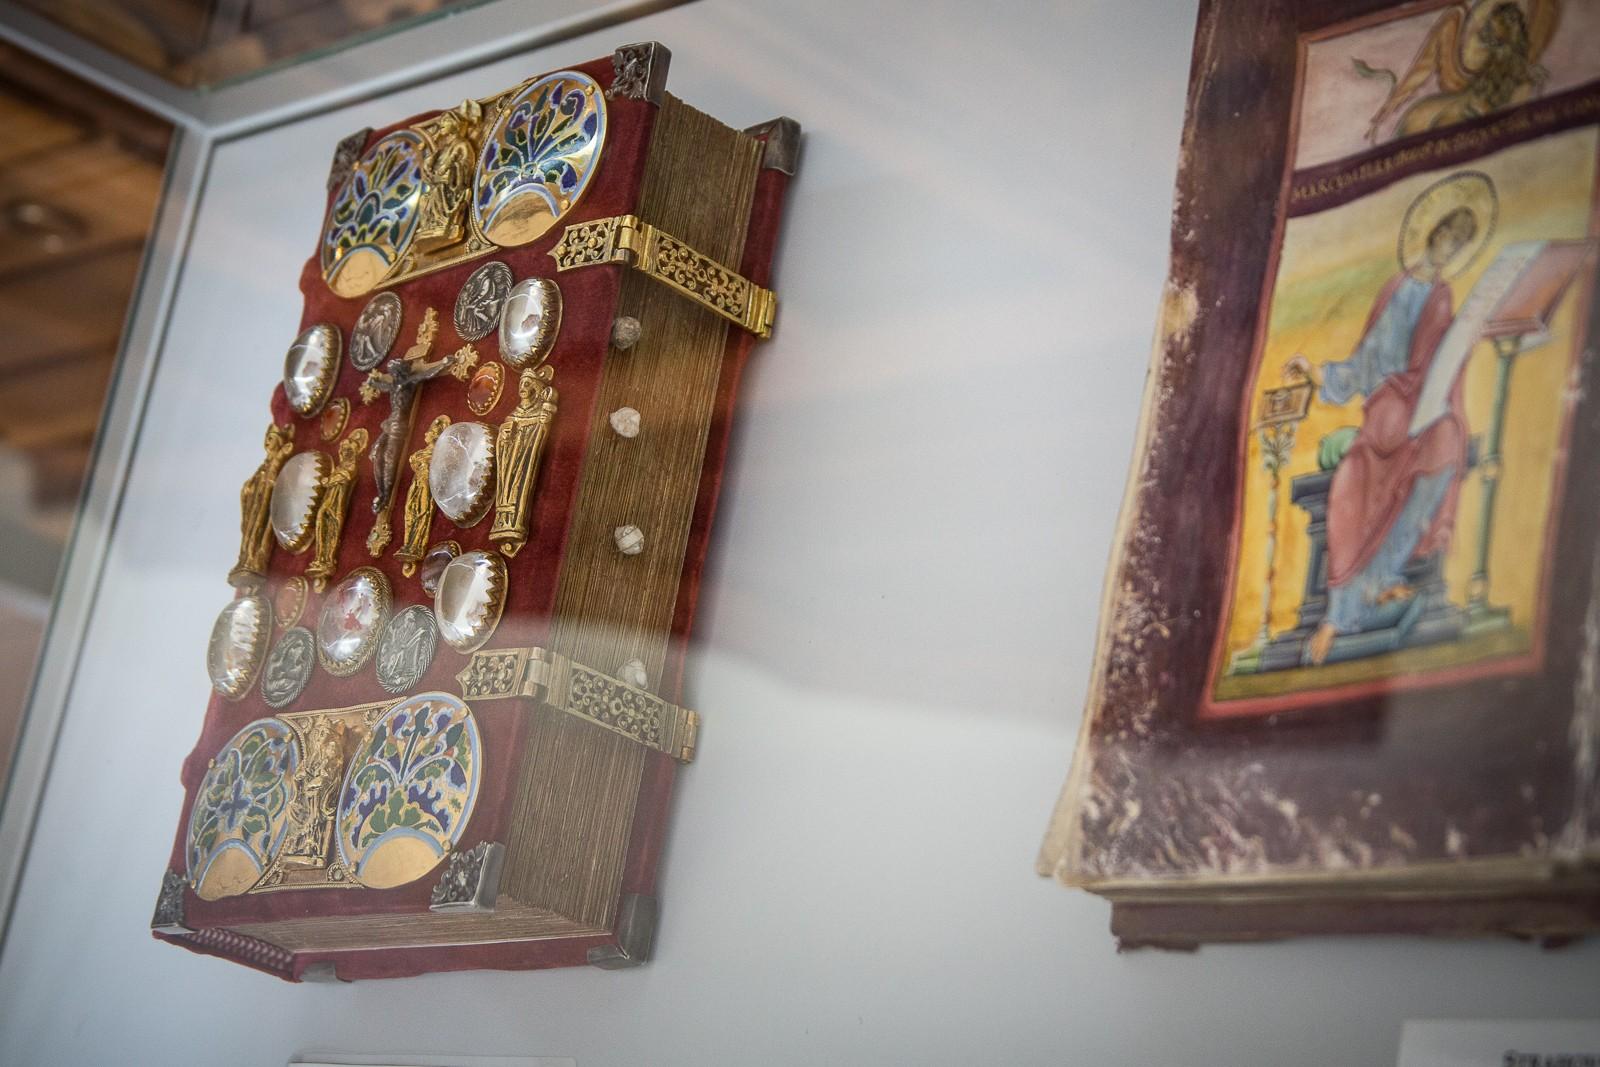 Seltene schmuckvolle Bücher in der Strahov Bibliothek